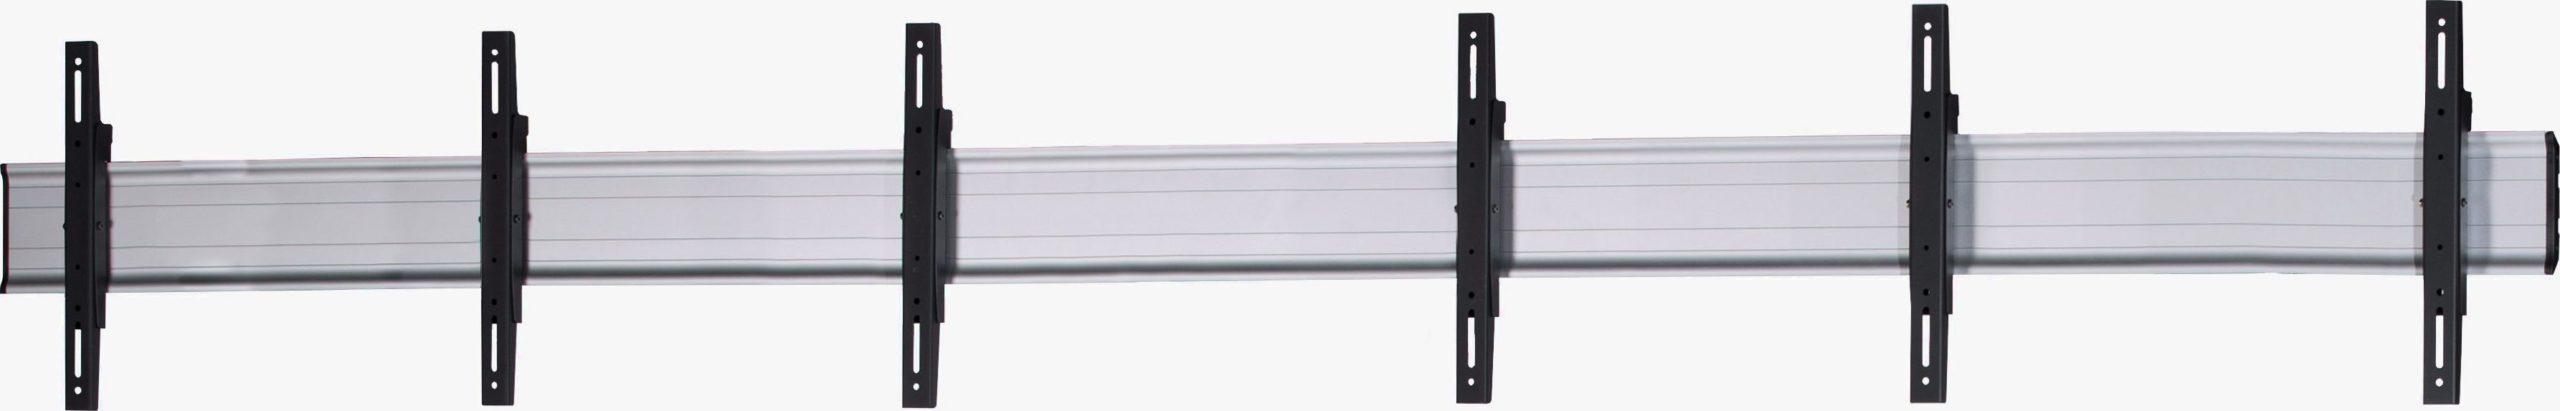 3 Displays 1×3, für große Bildschirme, Standard-VESA, zur Wandbefestigung